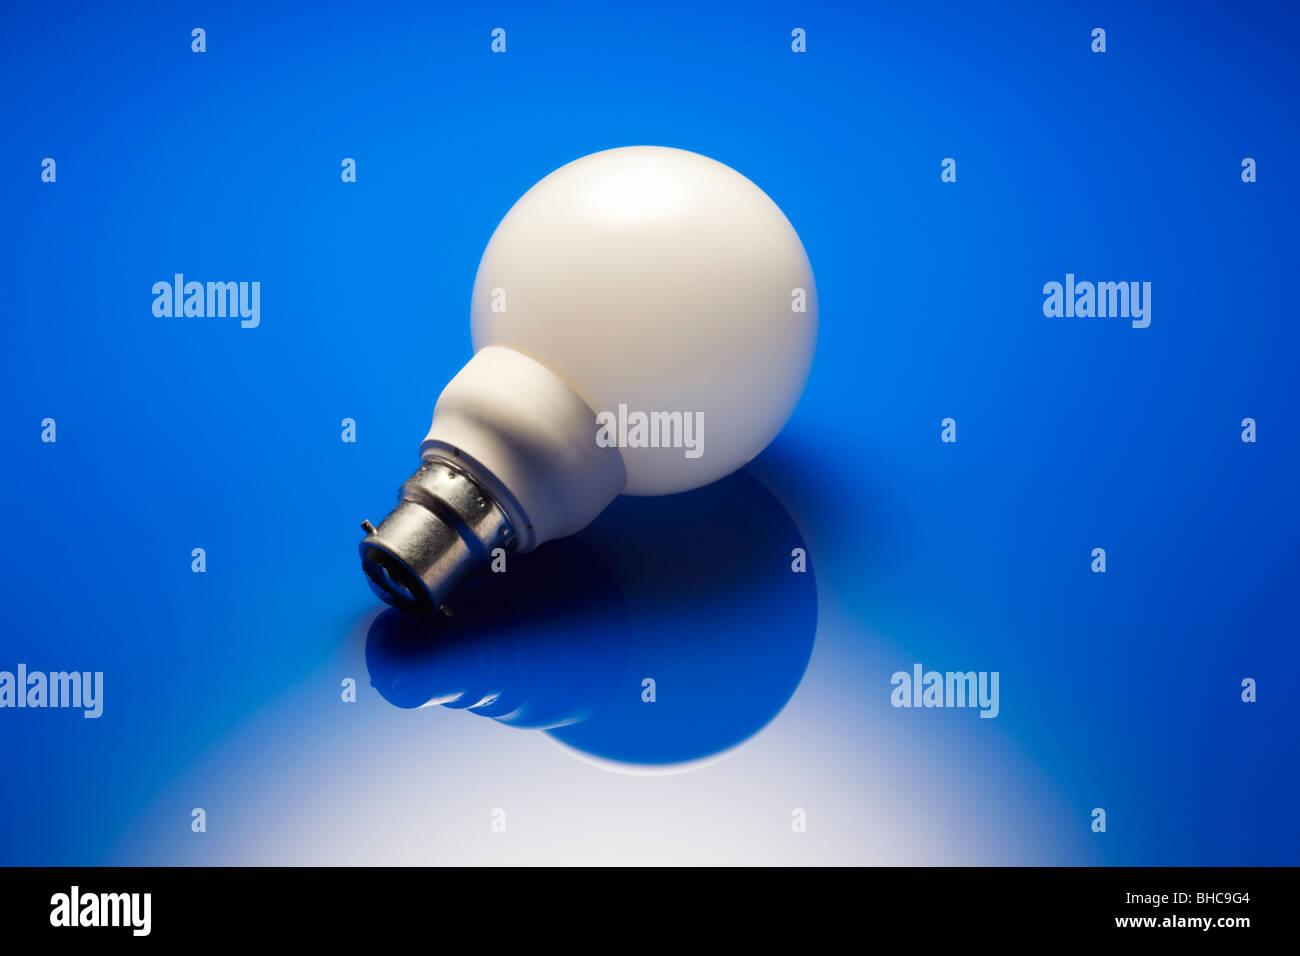 Energy Saving Bulb - Stock Image